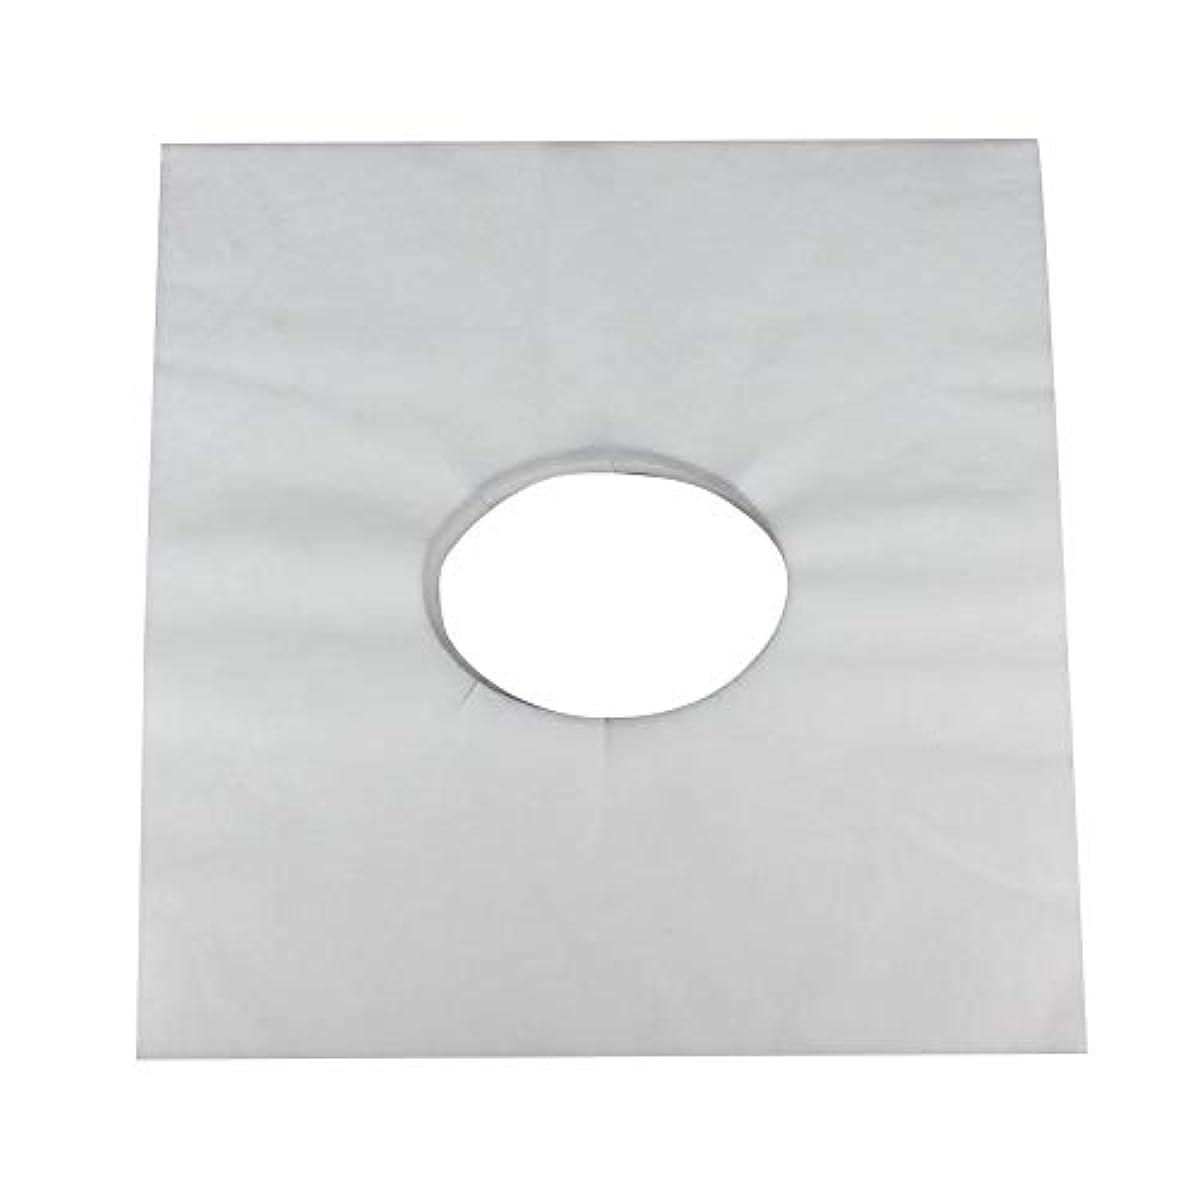 受信機道に迷いました甲虫マッサージのための使い捨て可能な美容院のベッドの表面穴カバー不織布マッサージテーブル枕カバー、100個(白)